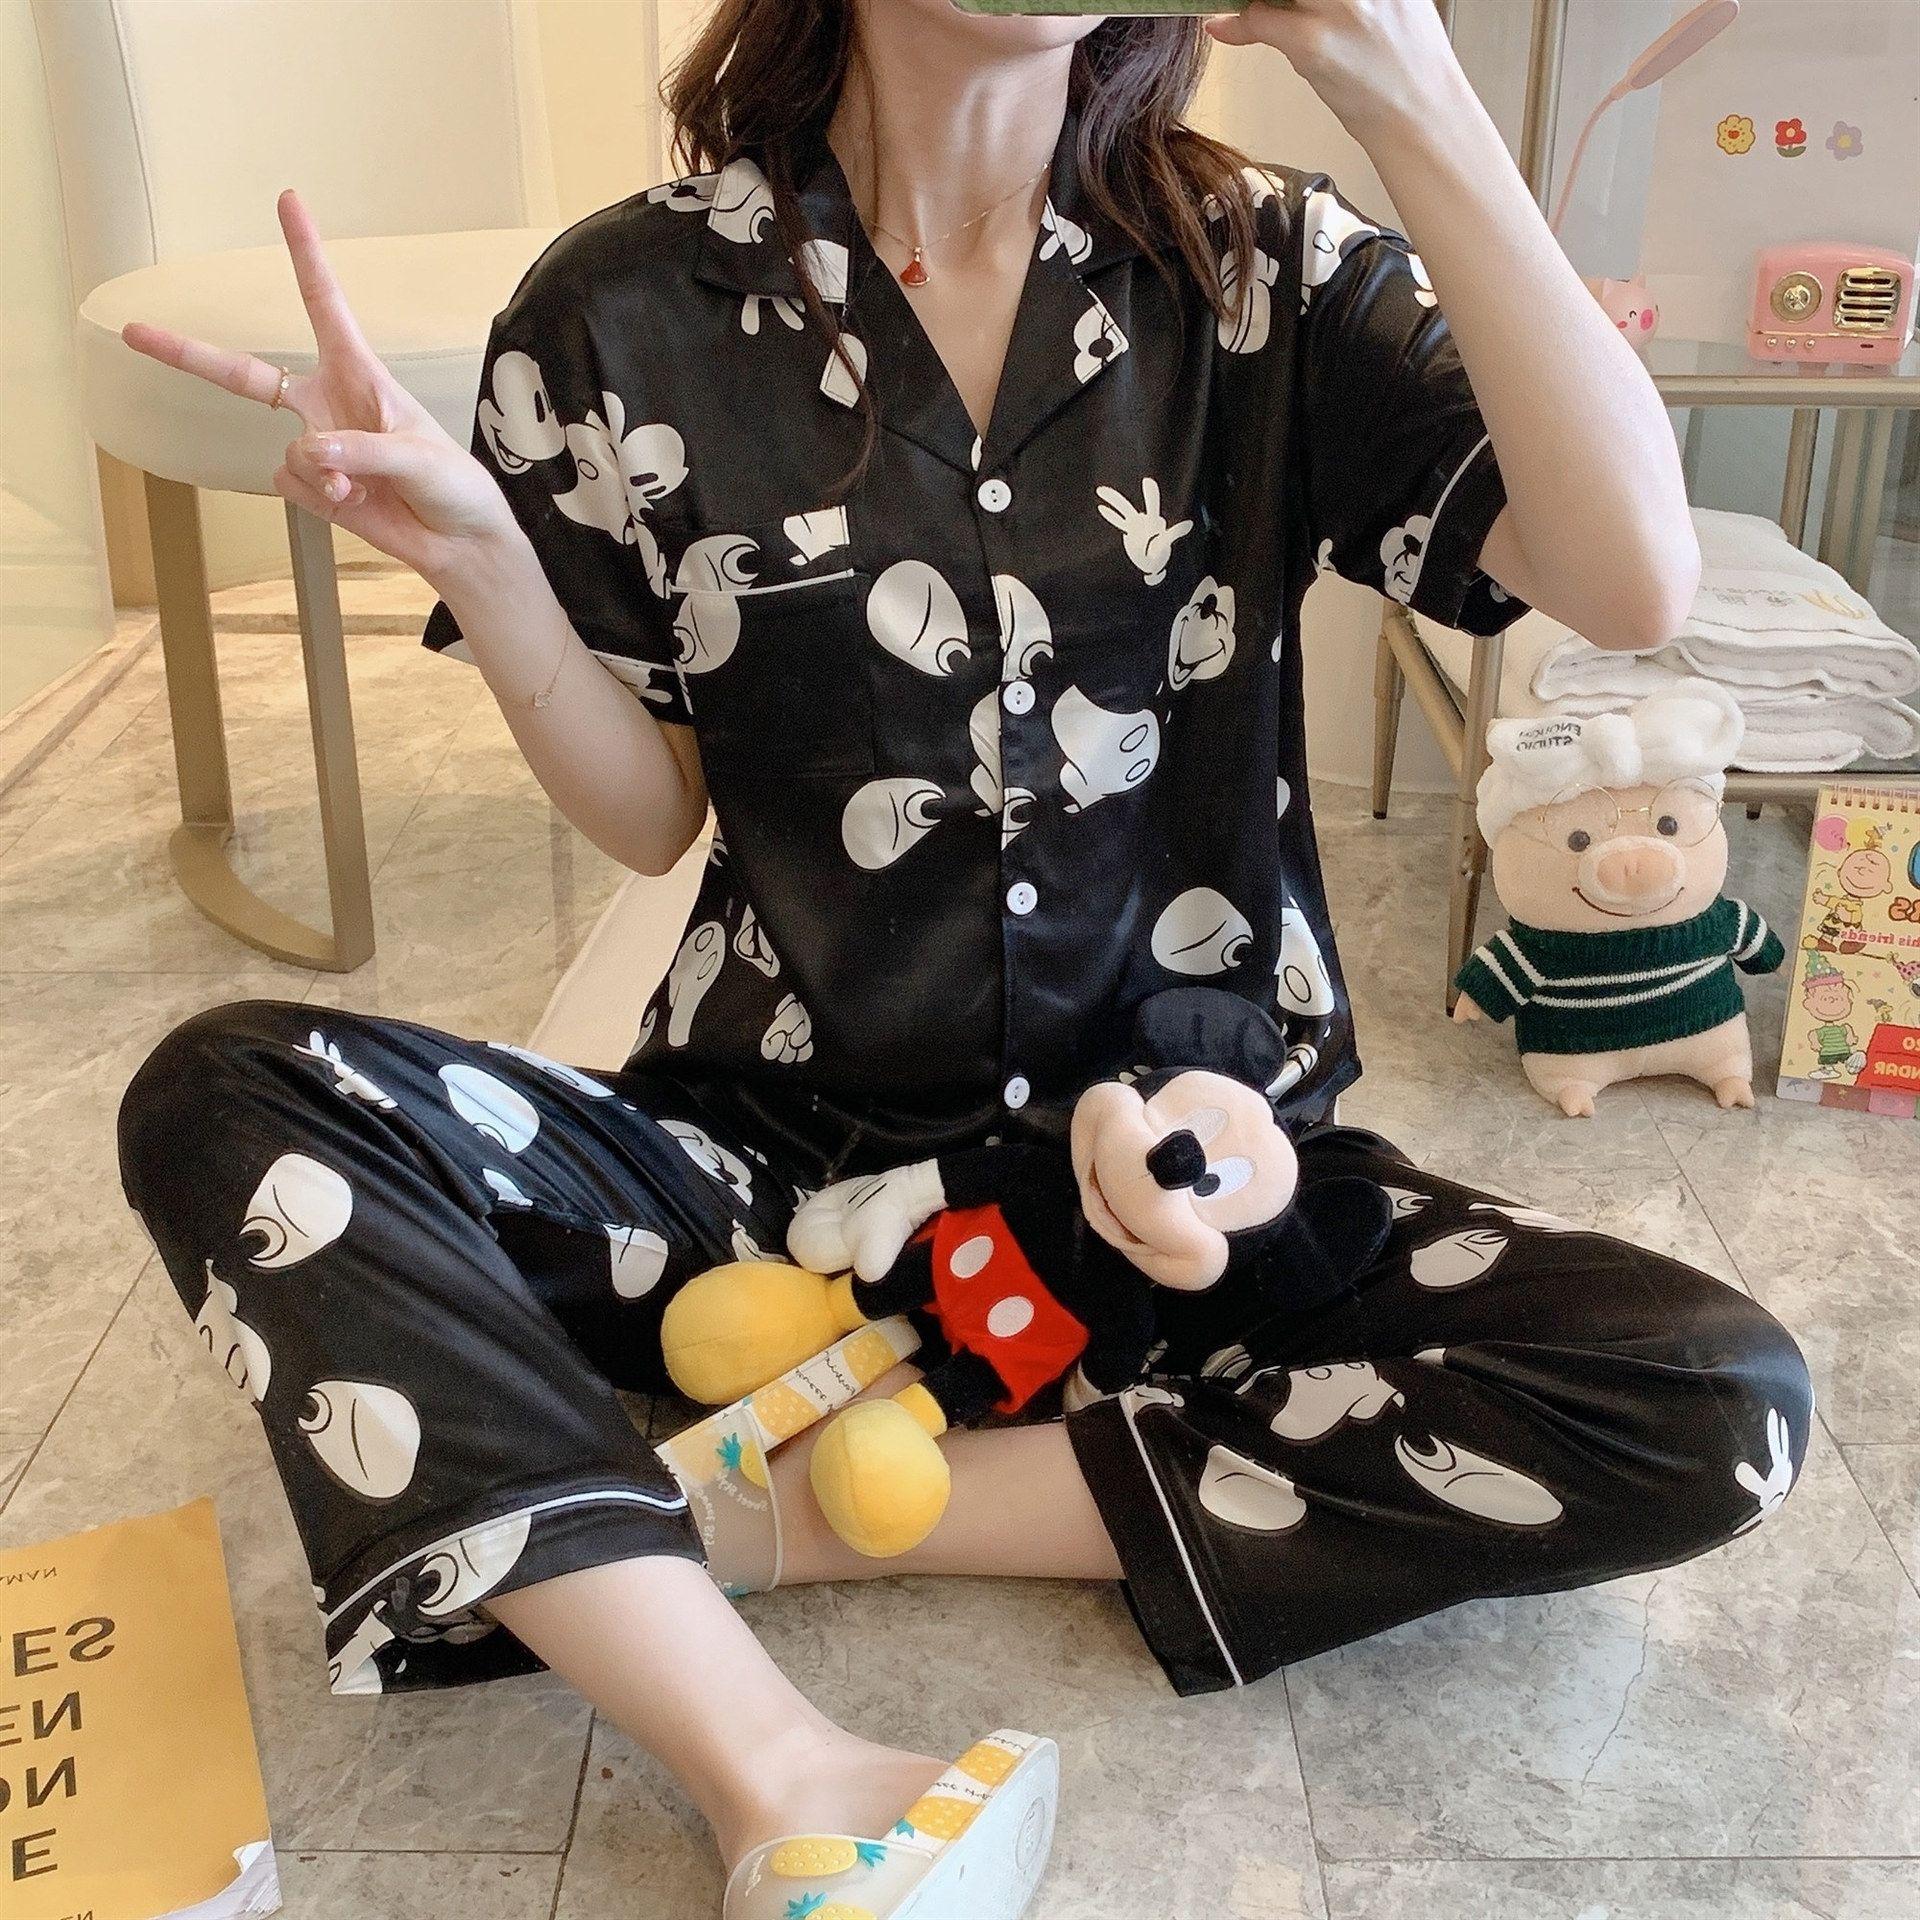 Primavera das xKpcn seda pijama mulheres e no Outono de curta duração solta cardigan fino Ice Silk desgaste casa roupa coreana roupa Pijama estudante vestir